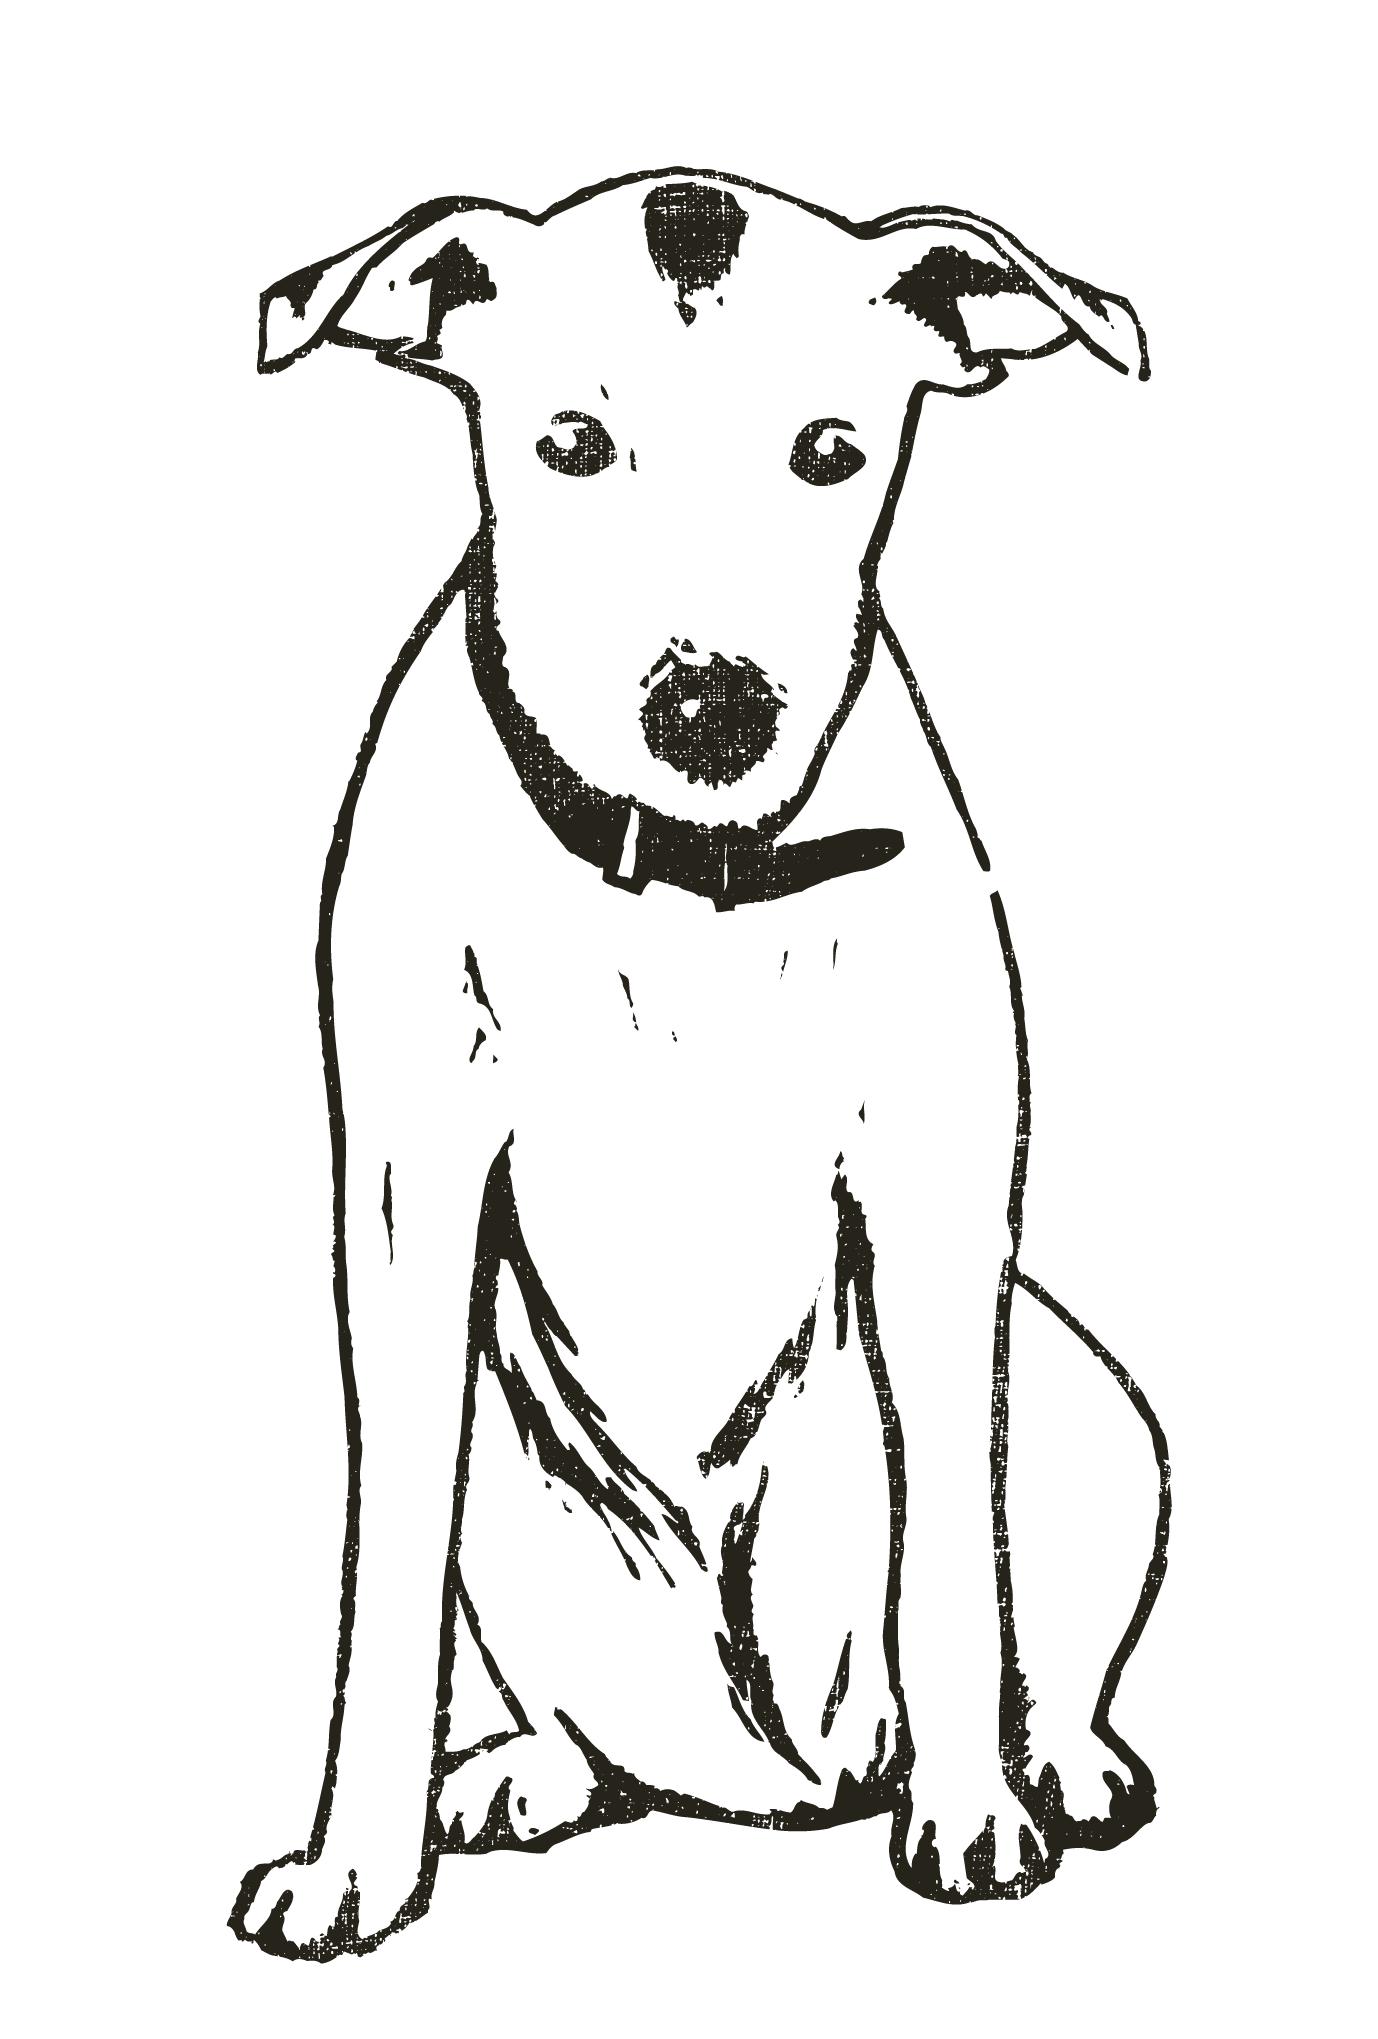 2018年賀状14-1:Dog woodblock print / 1のダウンロード画像